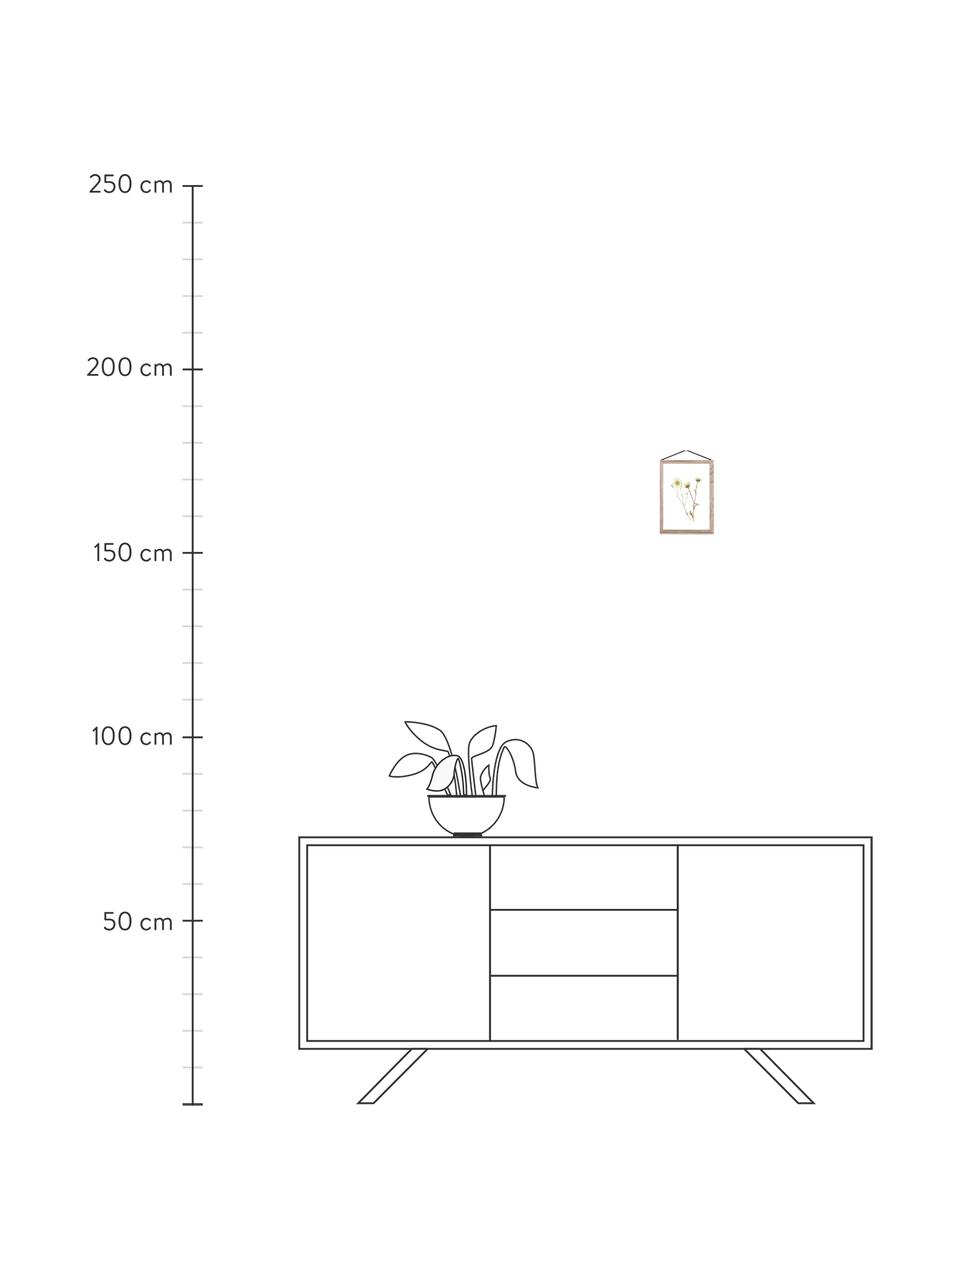 Bilderrahmen Frame, Rahmen: Eichenholz, unbehandelt, Rahmen: Eiche Aufhängung: Schwarz Front und Rückseite: Transparent, 23 x 31 cm